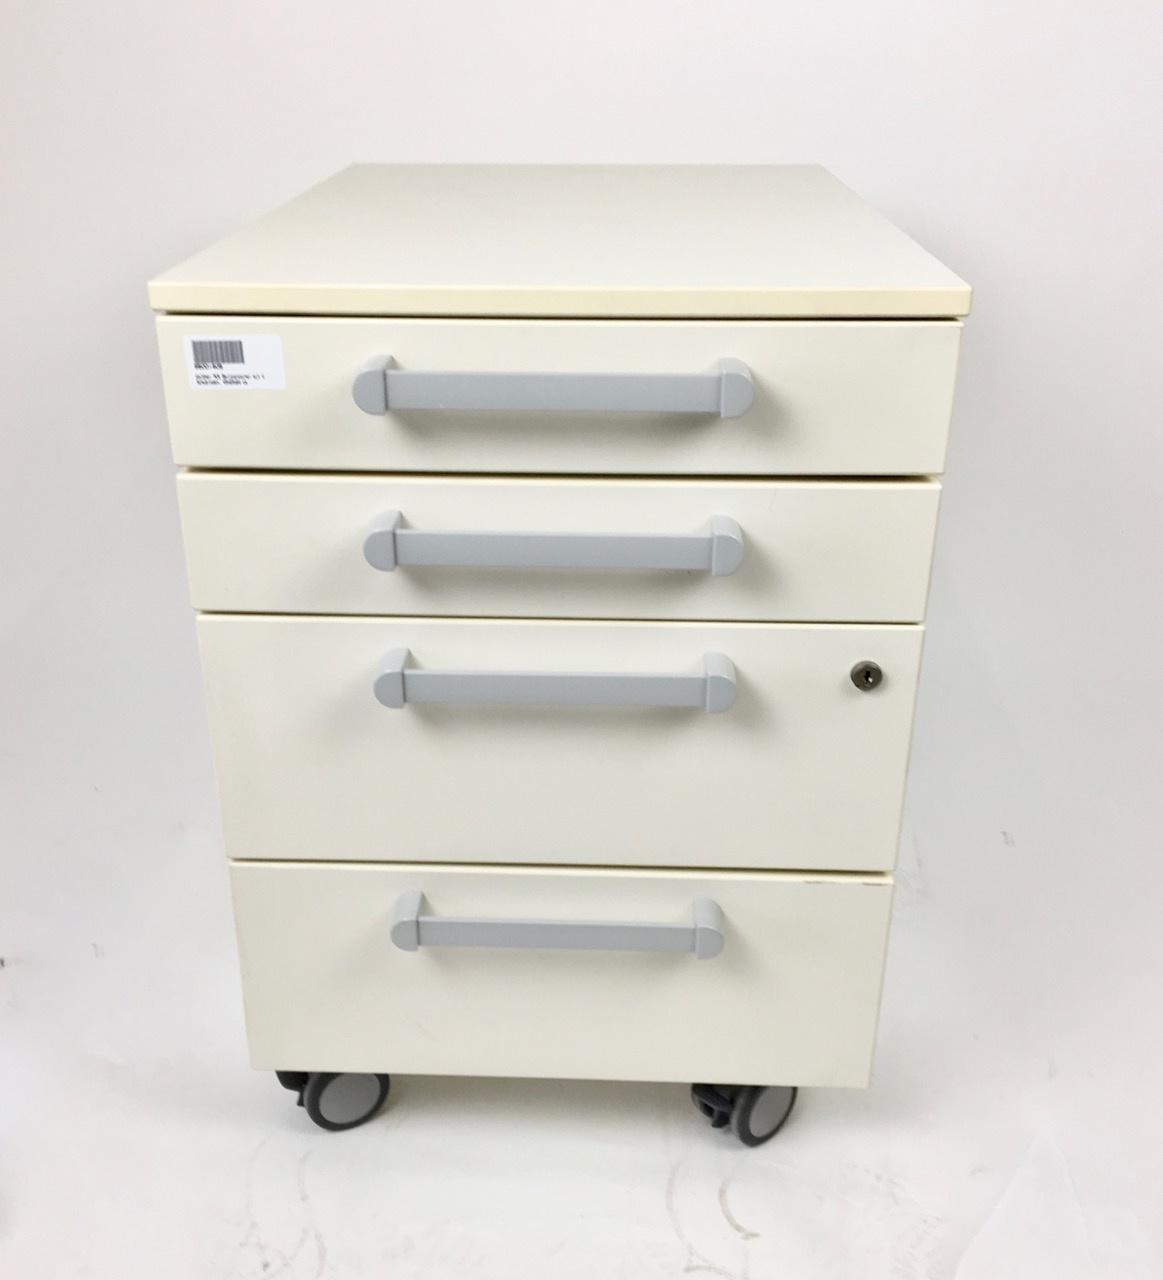 Waldner Waldner MC6 Rollschrank, 4 Schubladen, 45 cm breit, 64cm hoch